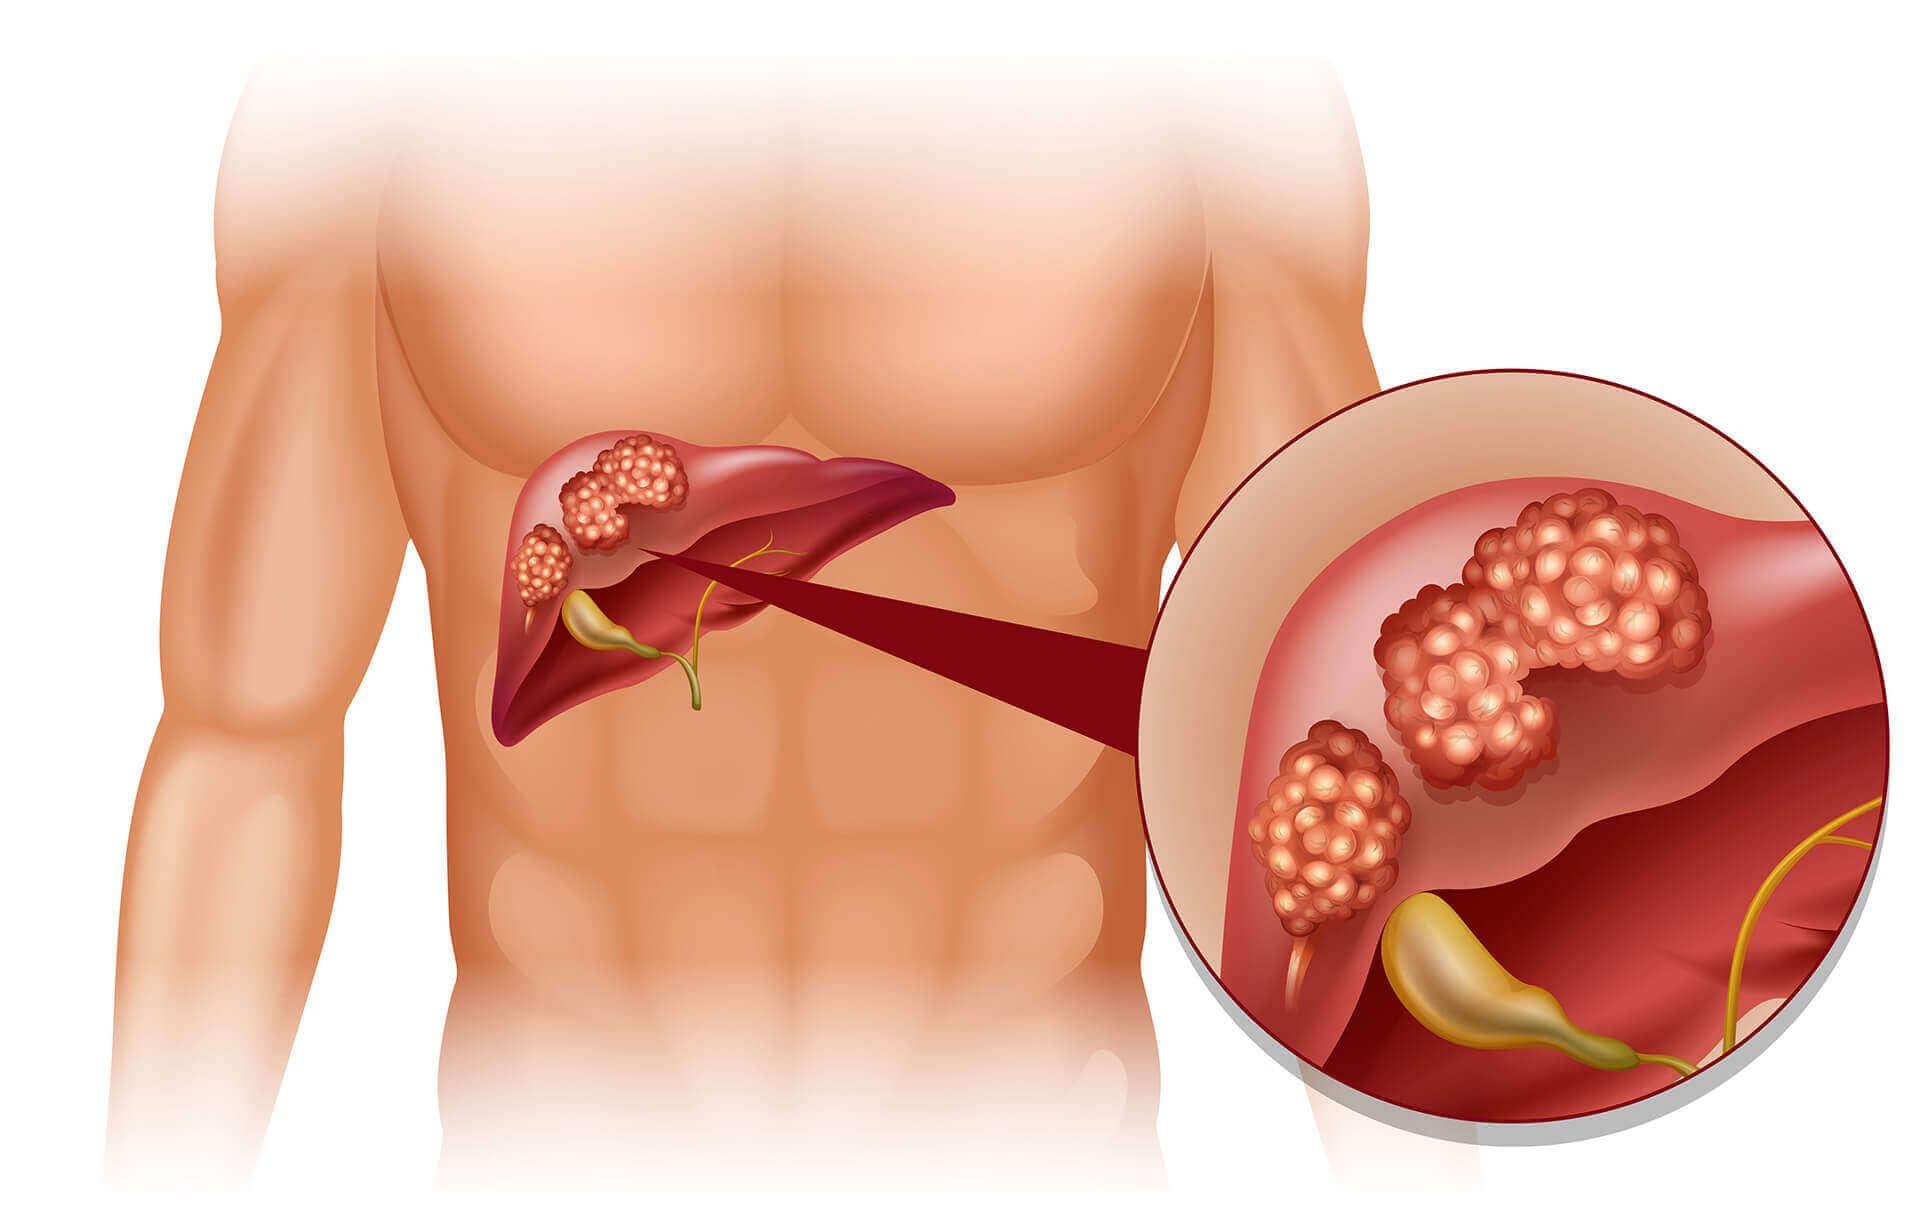 karaciğer kanseri, karaciğer kanseri nedenleri, karaciğer kanseri tedavisi